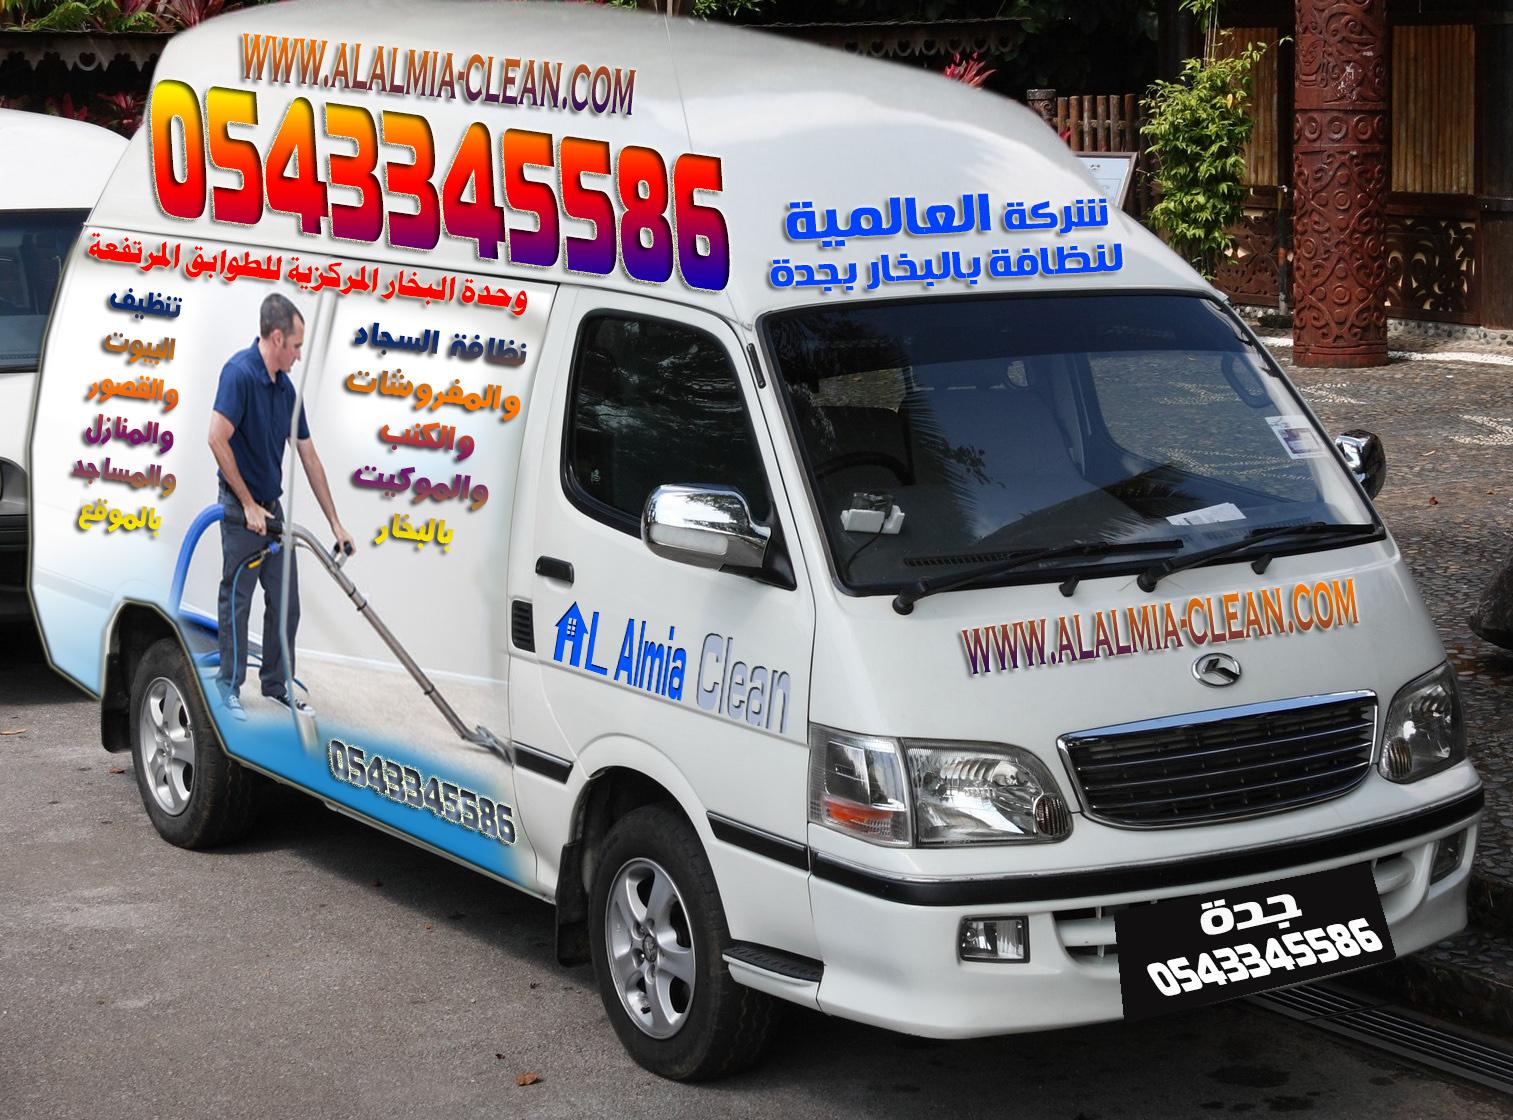 بالصور تنظيف شقق , افضل شركات التنظيف فى السعودية 3238 1